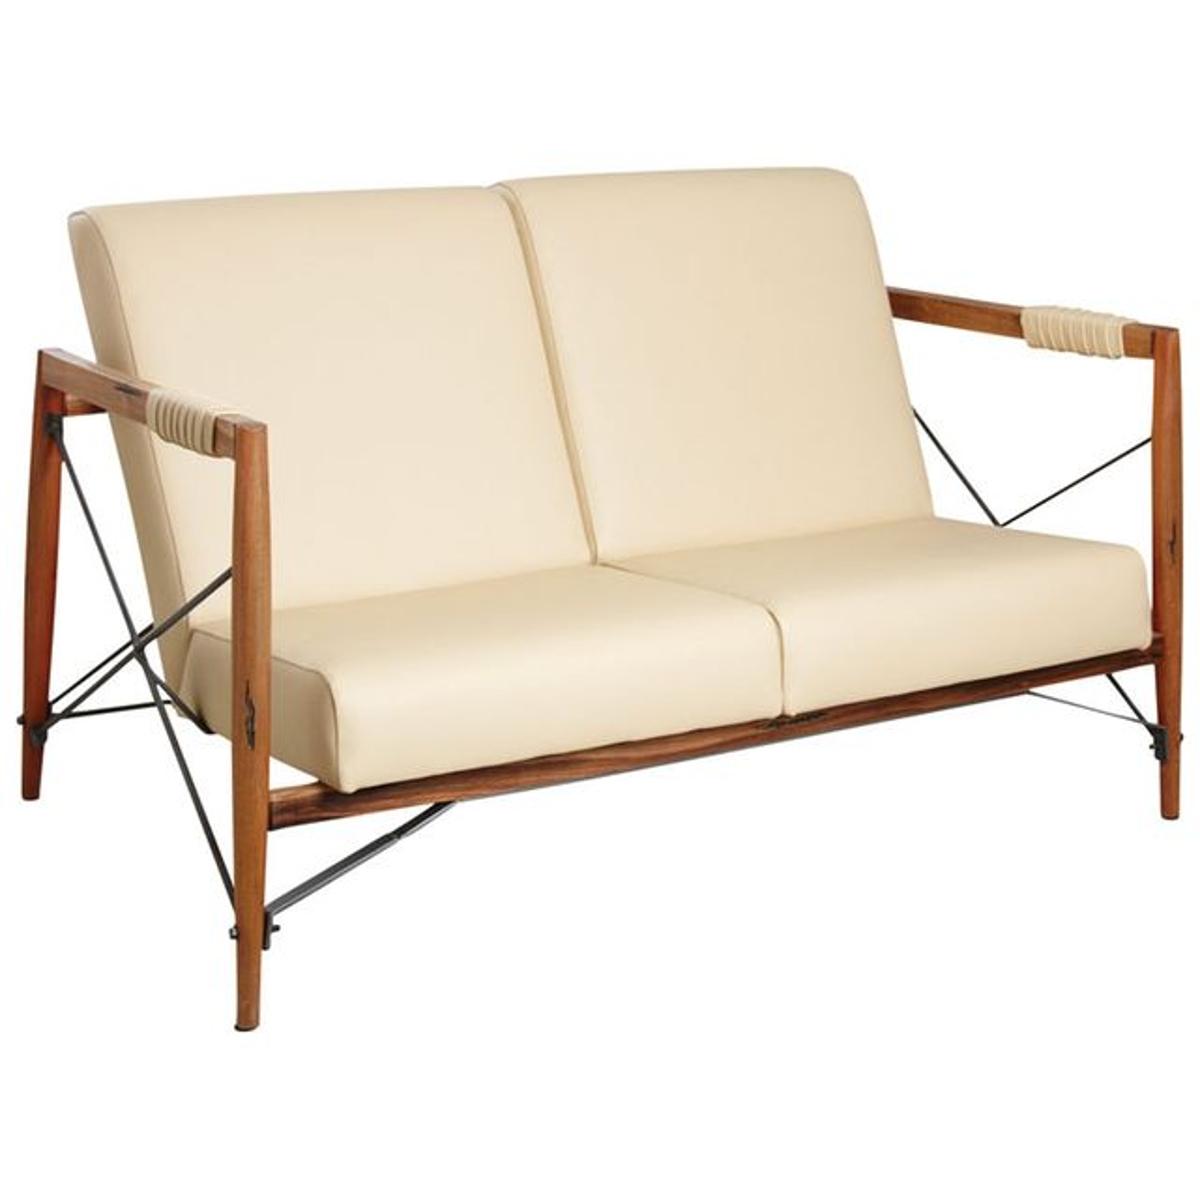 Canapé en bois de suar massif